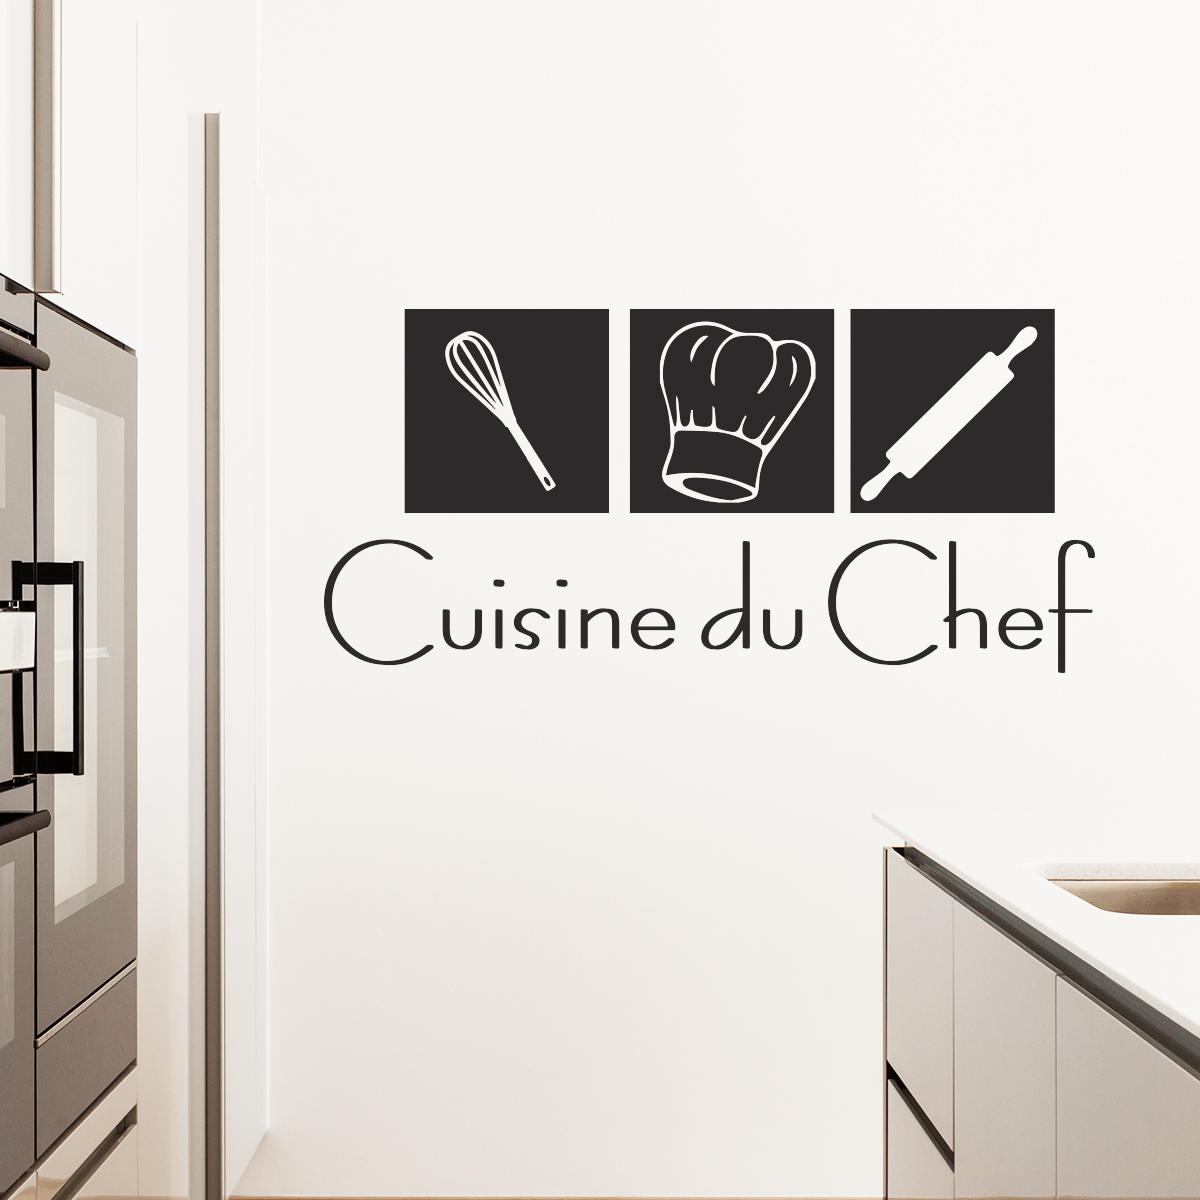 Stickers Muraux Pour La Cuisine Sticker Cuisine Du Chef Ambiance